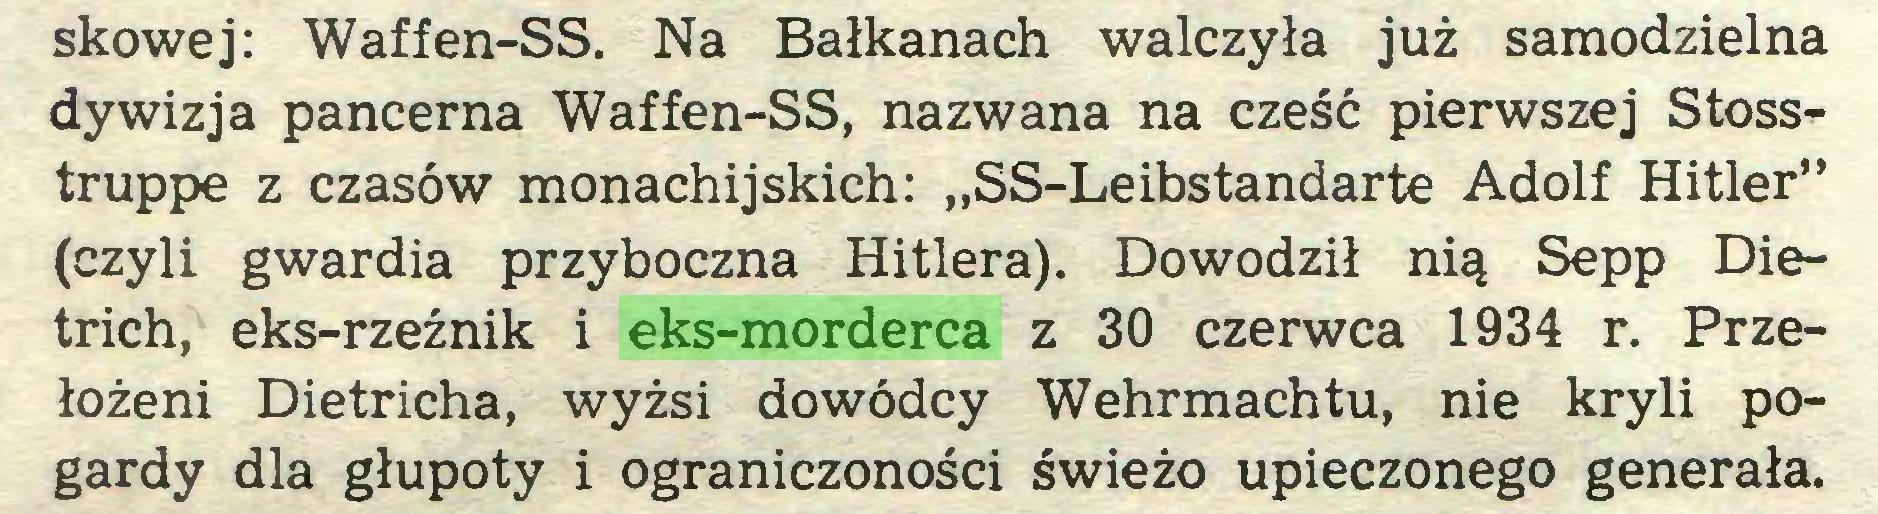 """(...) skowej: Waffen-SS. Na Bałkanach walczyła już samodzielna dywizja pancerna Waffen-SS, nazwana na cześć pierwszej Stoss^truppe z czasów monachijskich: """"SS-Leibstandarte Adolf Hitler"""" (czyli gwardia przyboczna Hitlera). Dowodził nią Sepp Dietrich, eks-rzeźnik i eks-morderca z 30 czerwca 1934 r. Przełożeni Dietricha, wyżsi dowódcy Wehrmachtu, nie kryli pogardy dla głupoty i ograniczoności świeżo upieczonego generała..."""